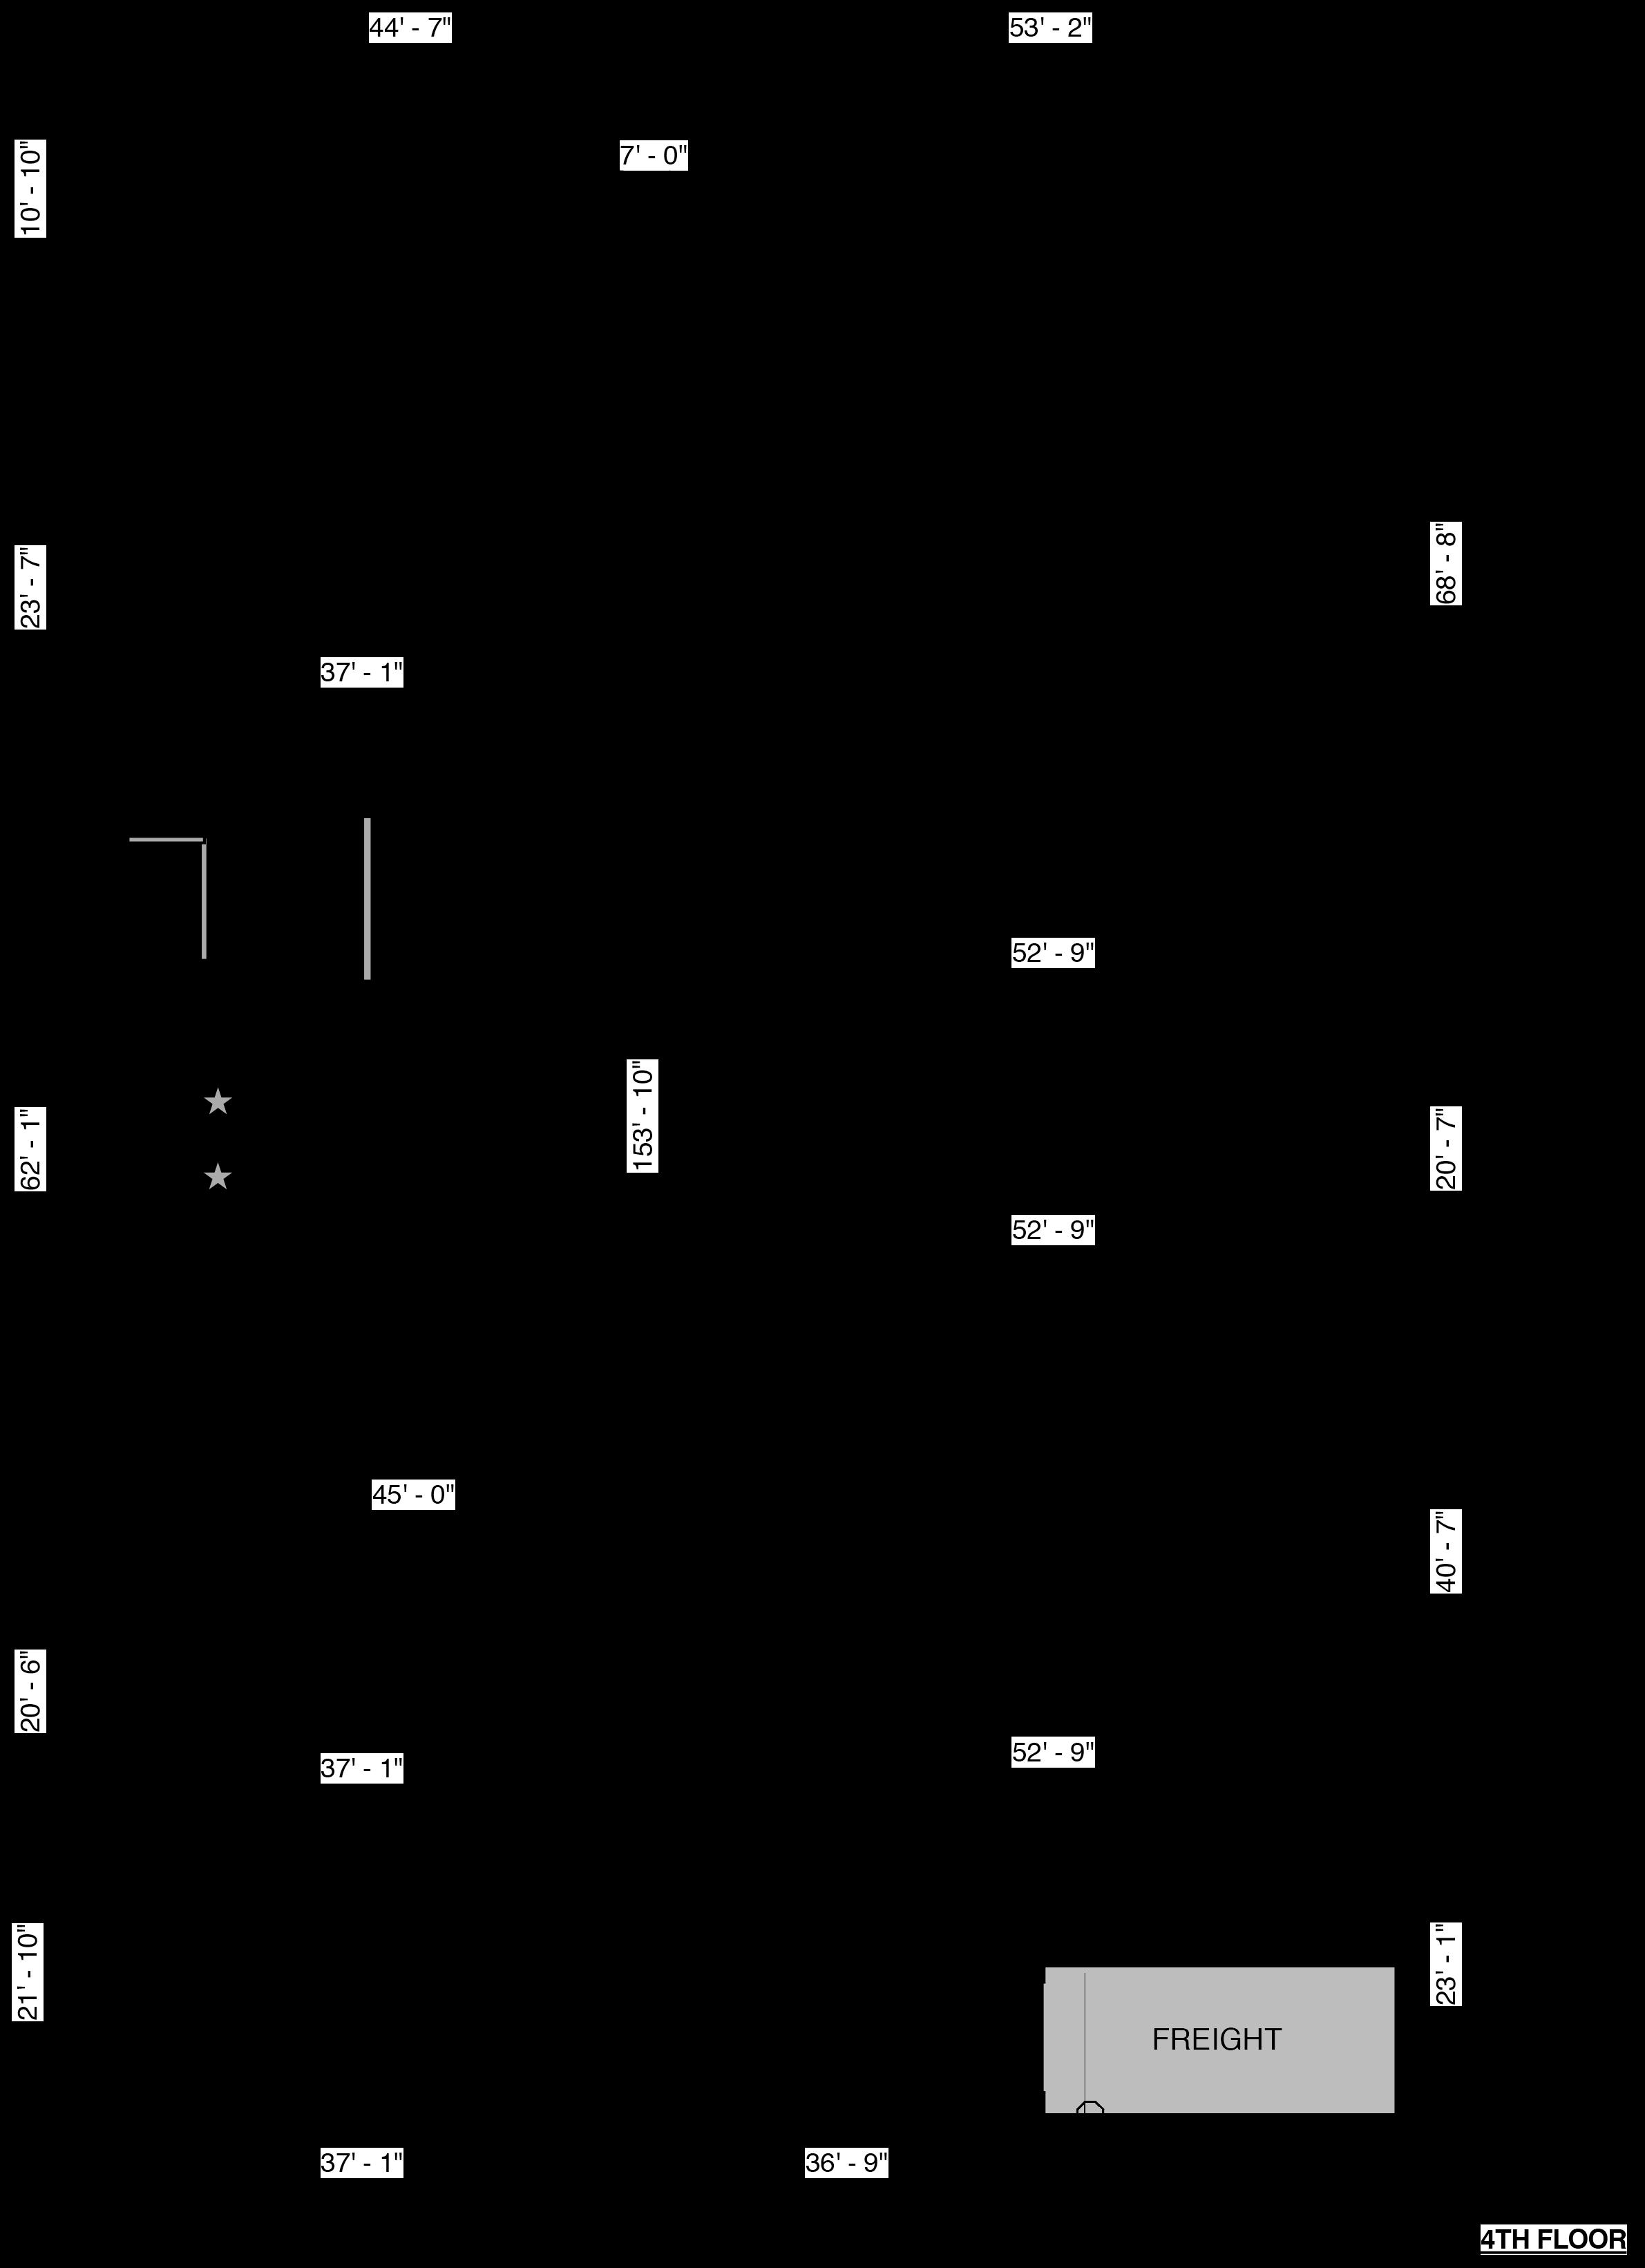 4thFloor_Schematic_HL-shelving copyFREIGHT.png